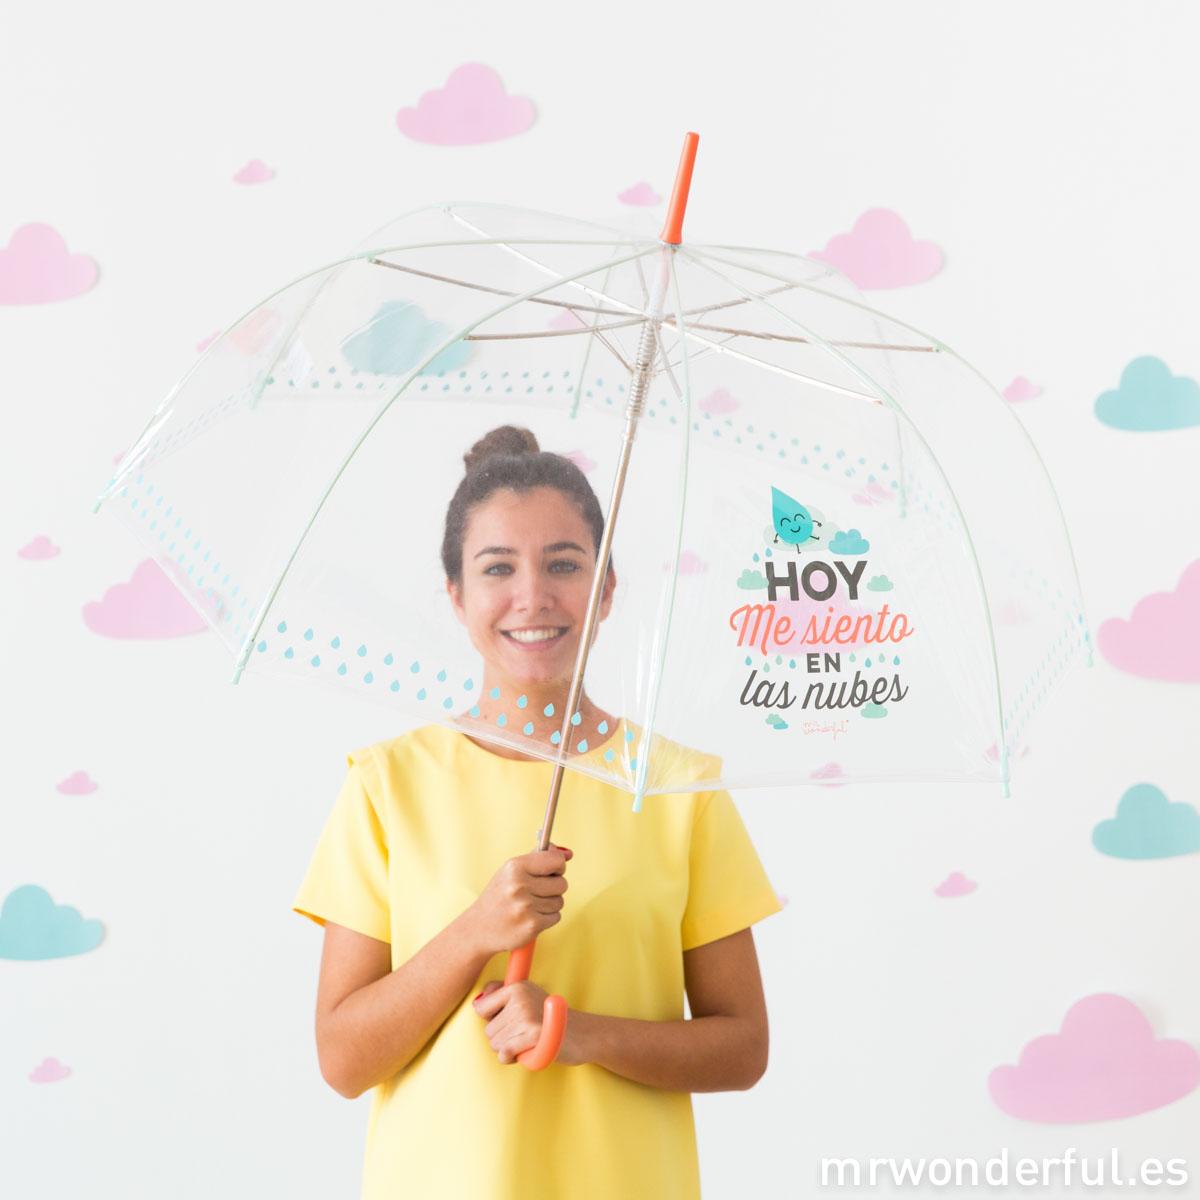 mrwonderful_8435460702911_WOA03183_paraguas_hoy-me-siento-en-las-nubes_L_CAST-9